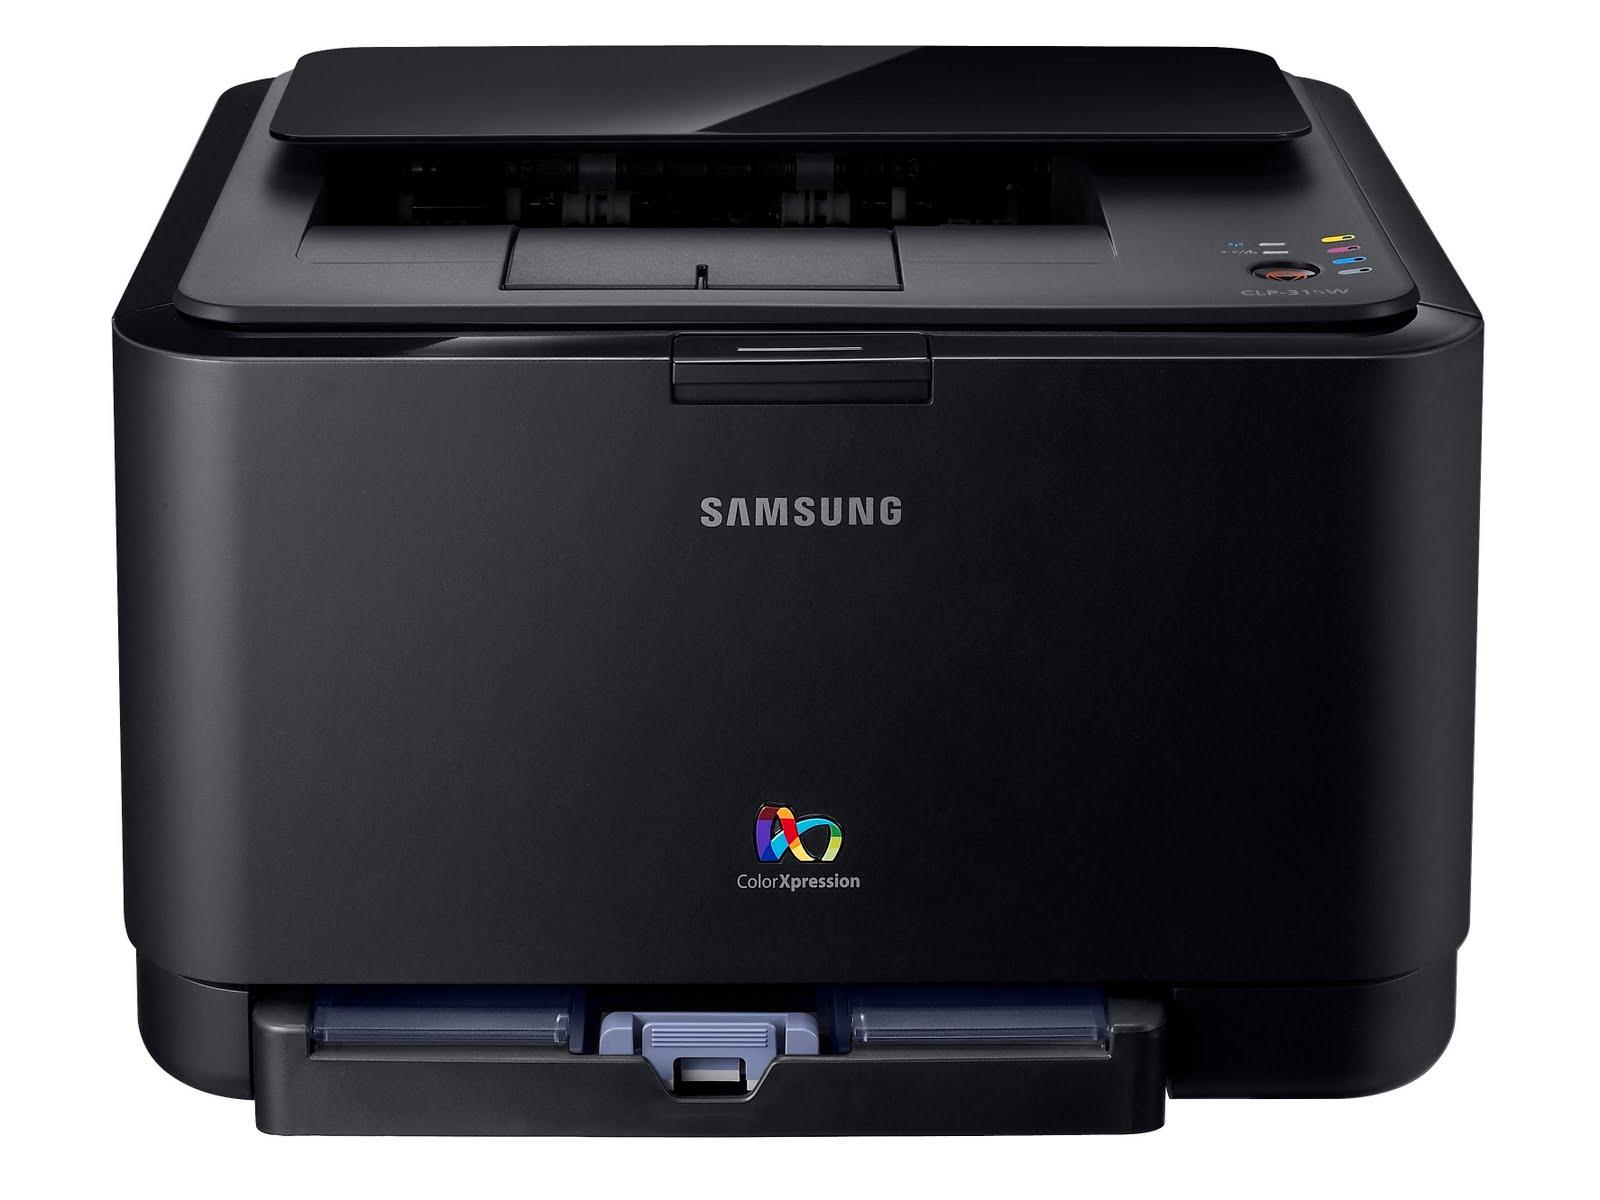 expansi n empresarial la nueva impresora a color samsung clp 325w. Black Bedroom Furniture Sets. Home Design Ideas